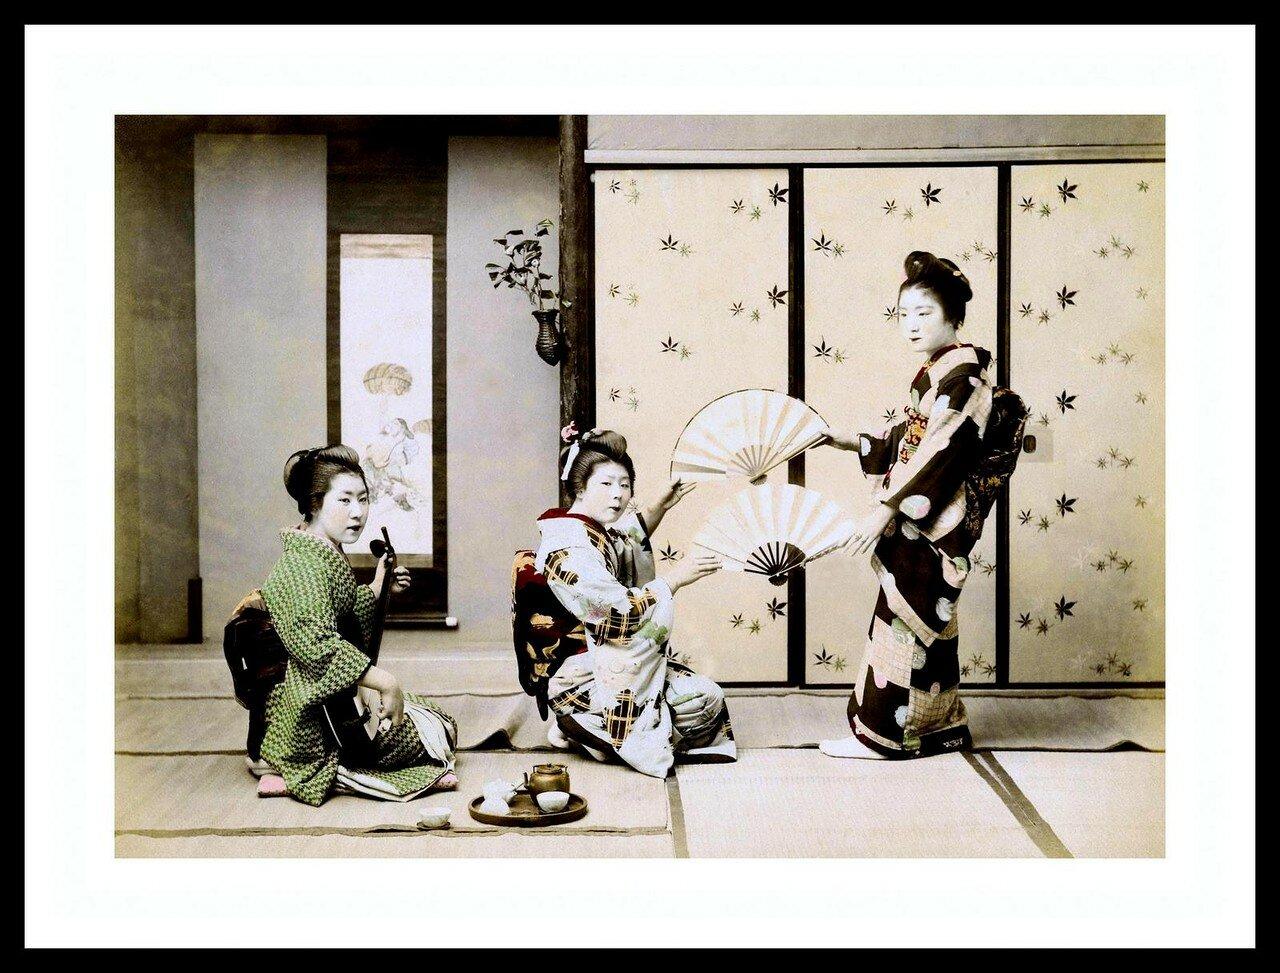 Три гейши исполняют танец с веерами